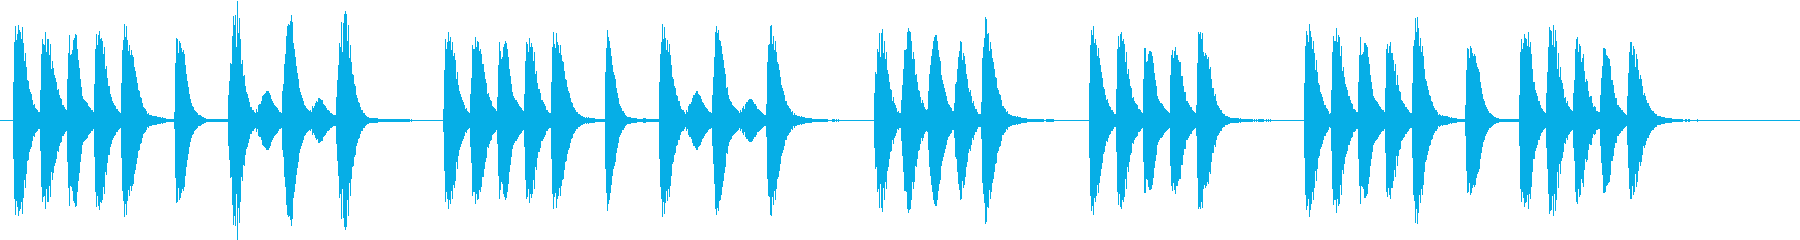 木琴で作ったコミカルな短いジングルの再生済みの波形